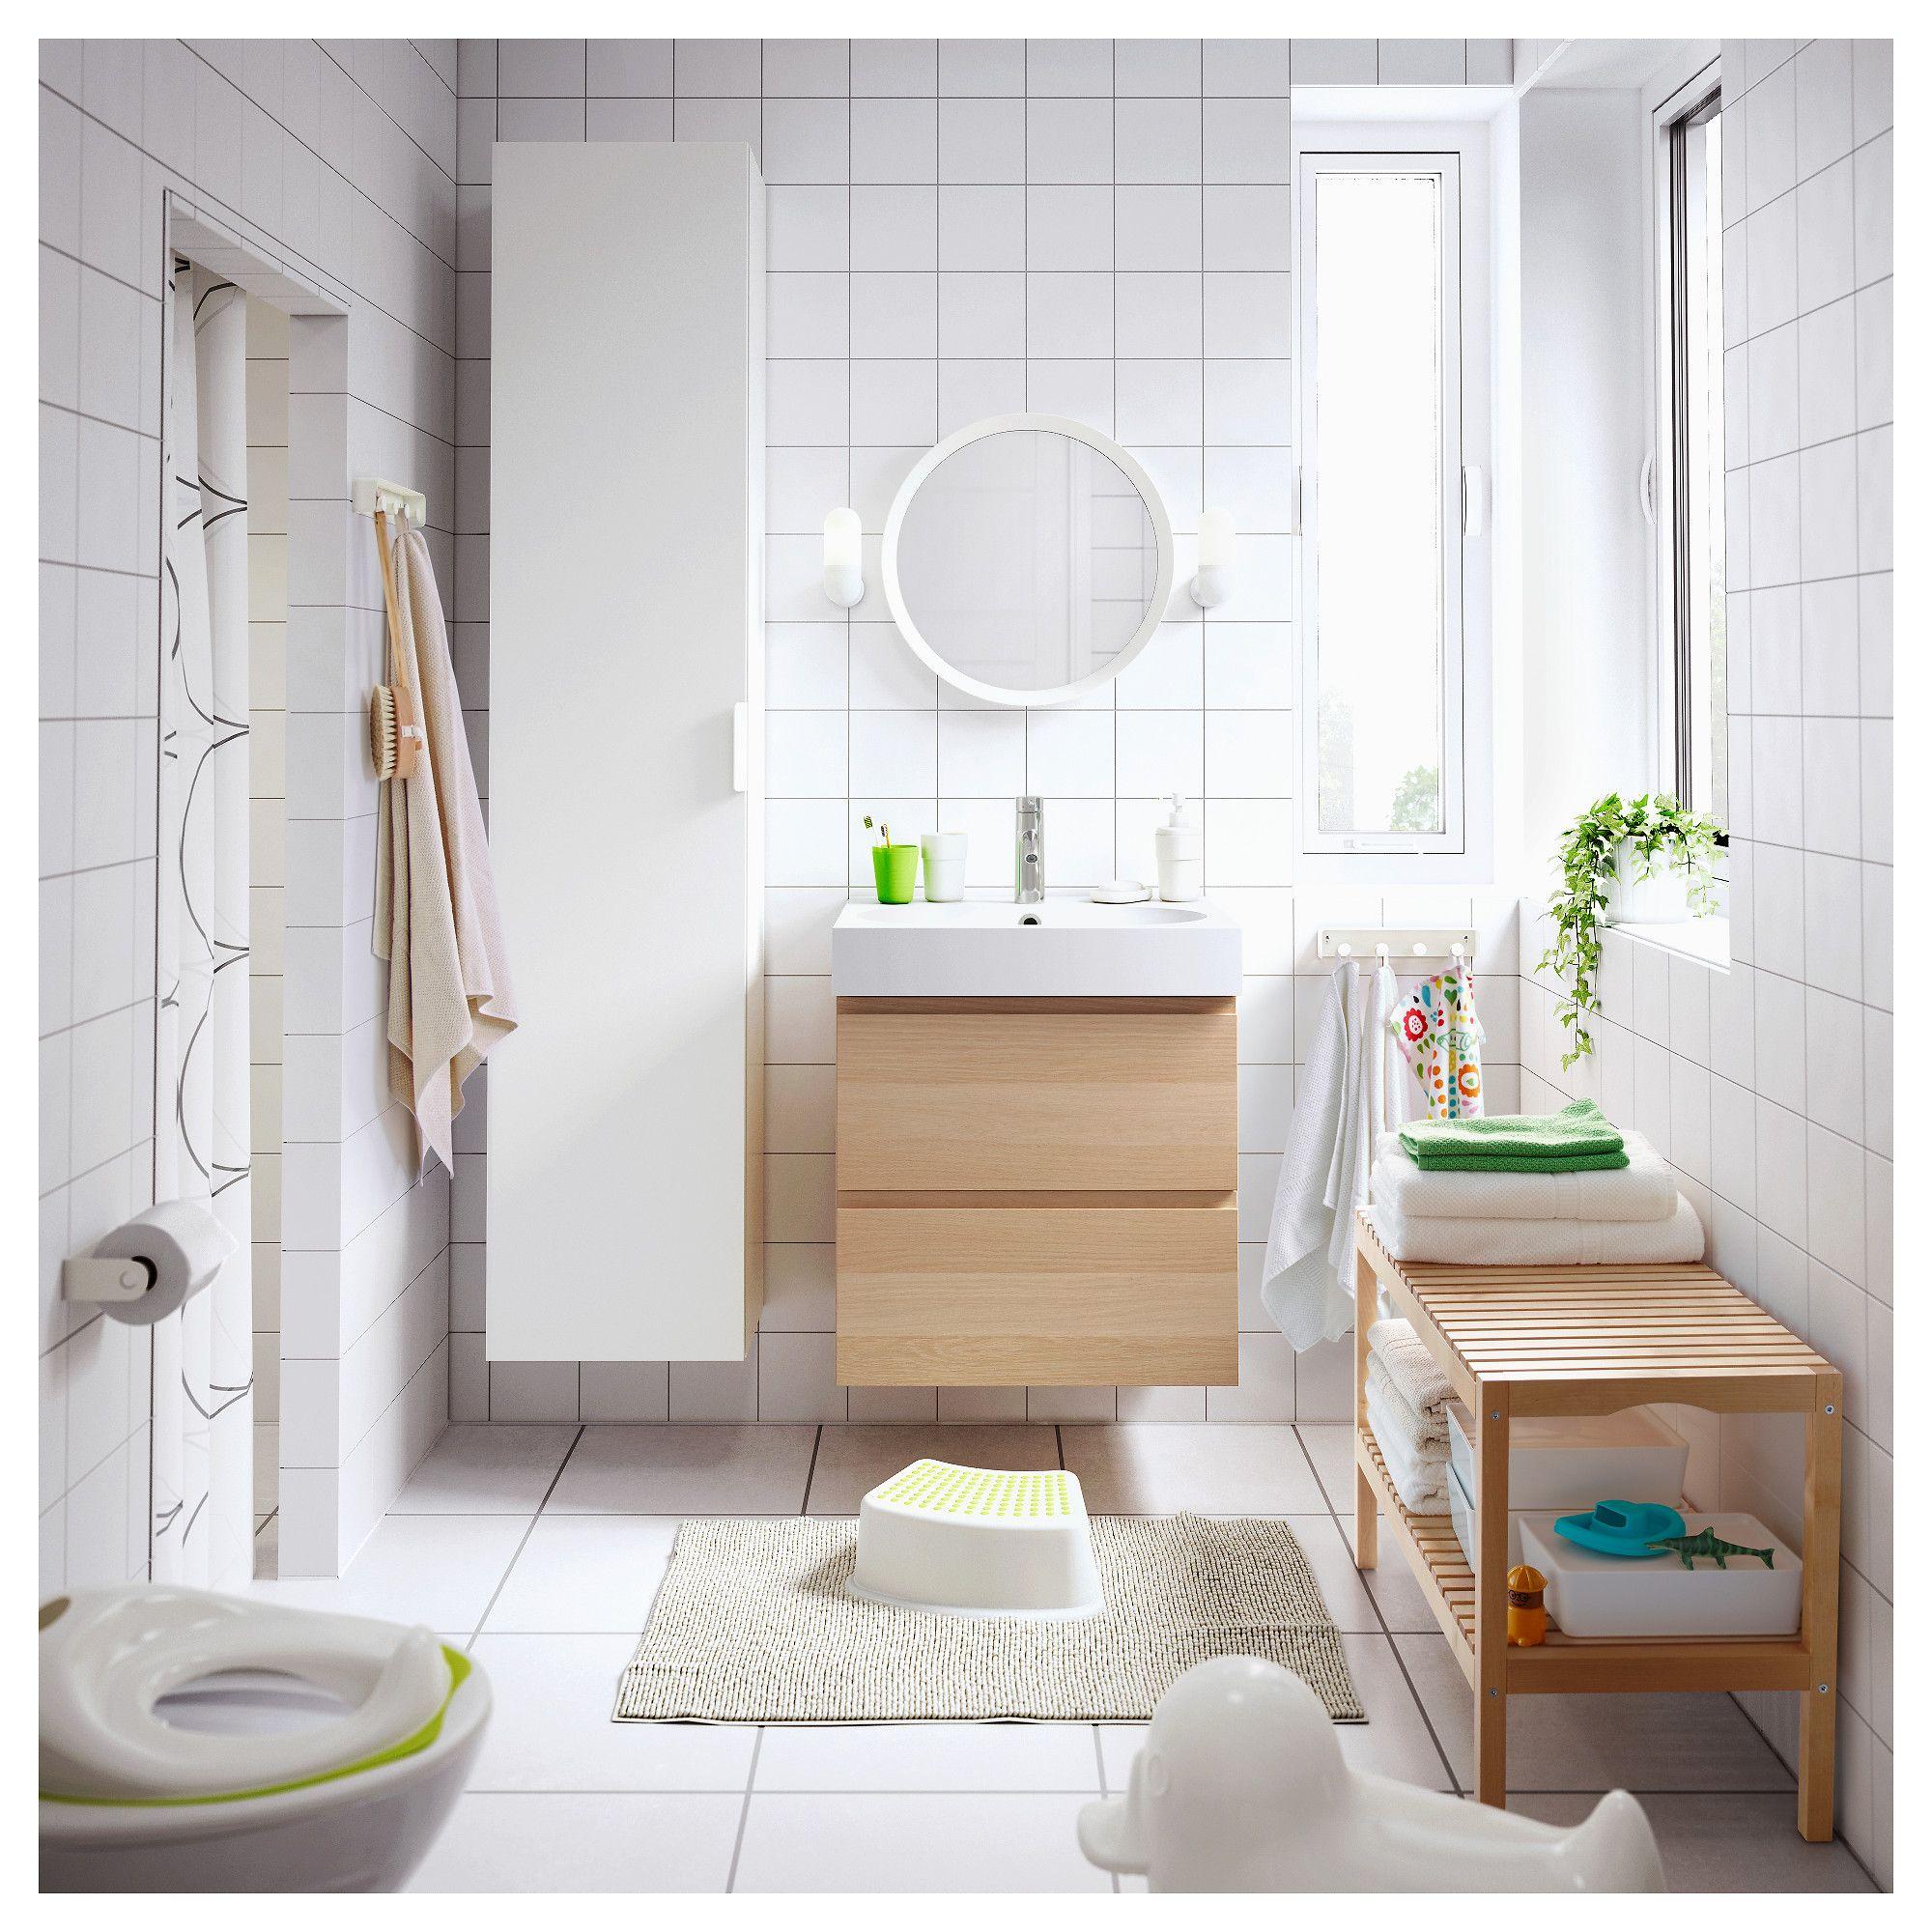 Ikea Bathroom Cabinets With Mirror